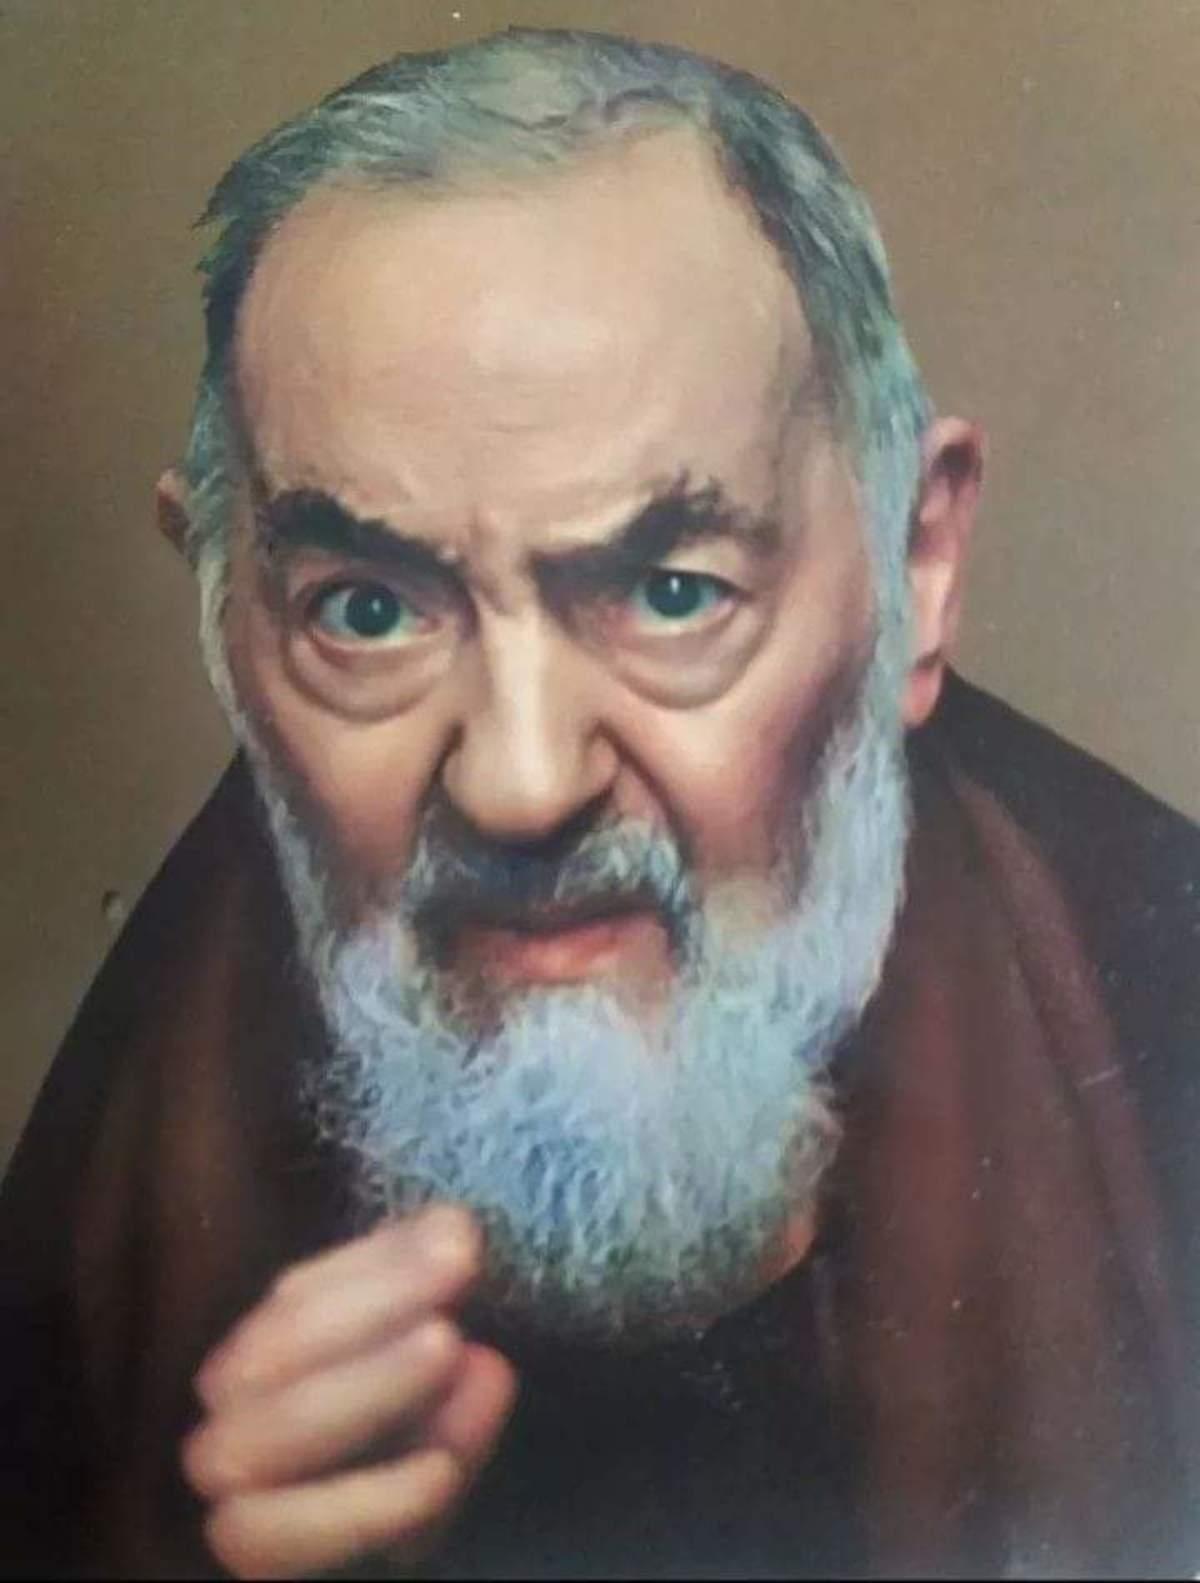 Padre Pio Archives - Pagina 49 di 50 - GesuTiAma.it